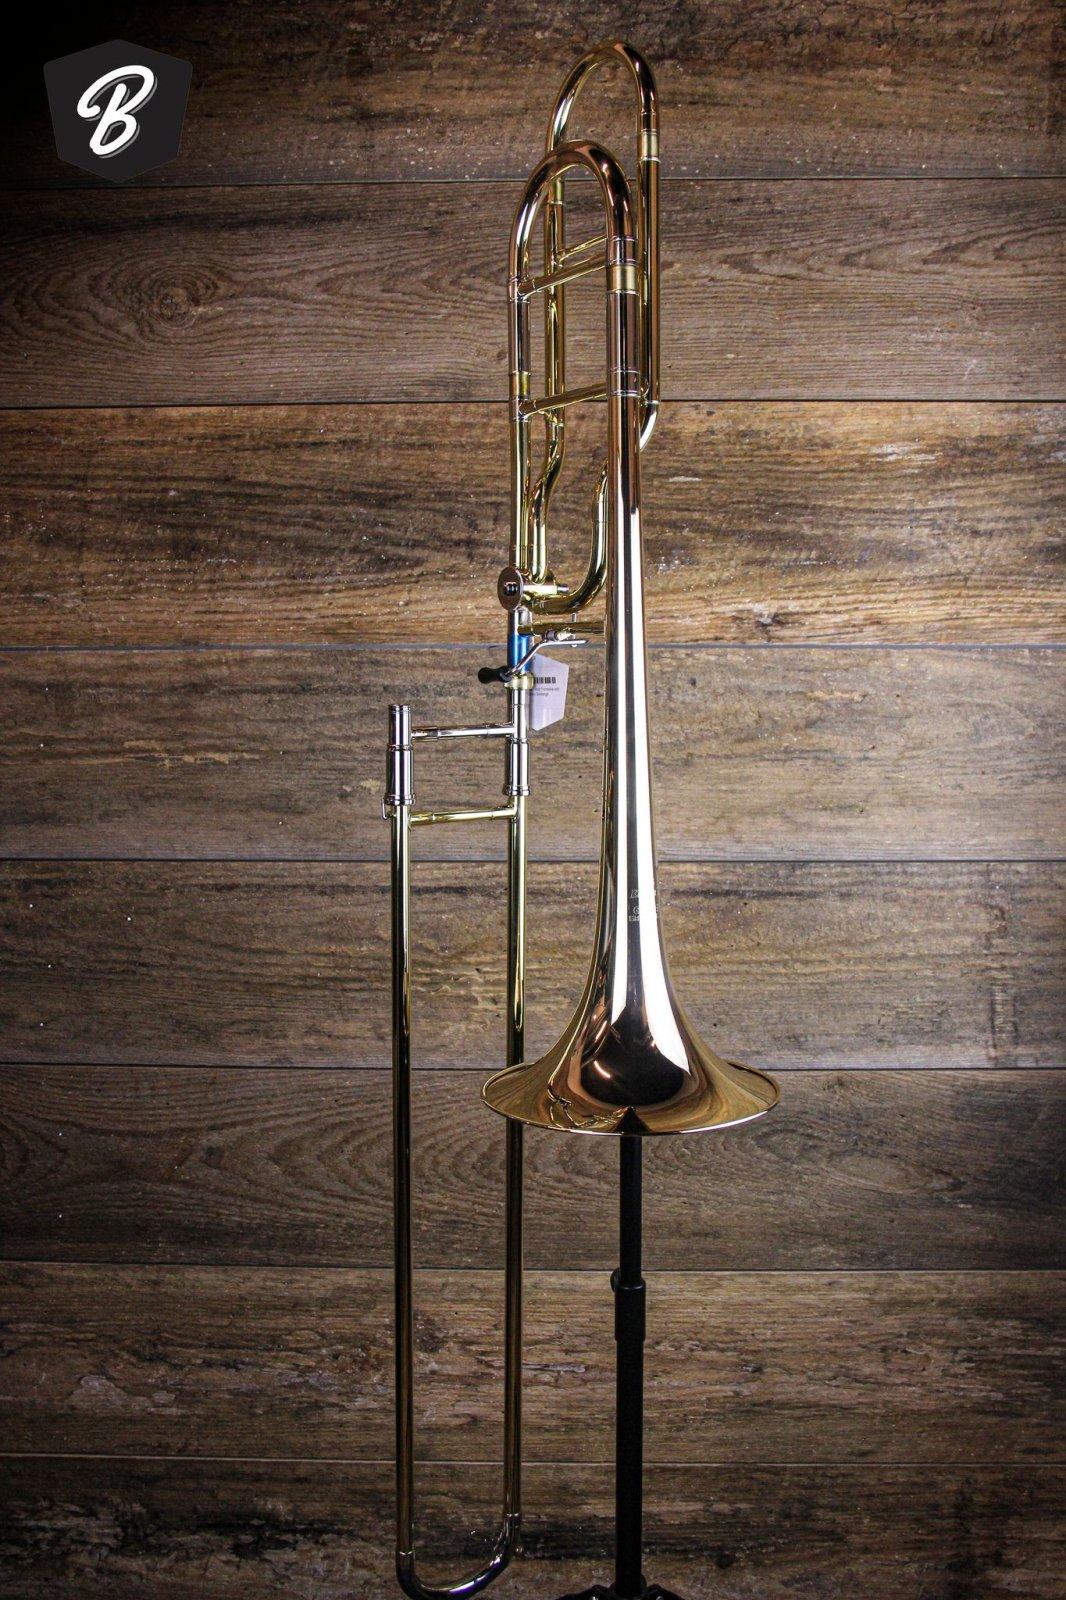 Getzen 725 Tenor F-Attachment Trombone with Case